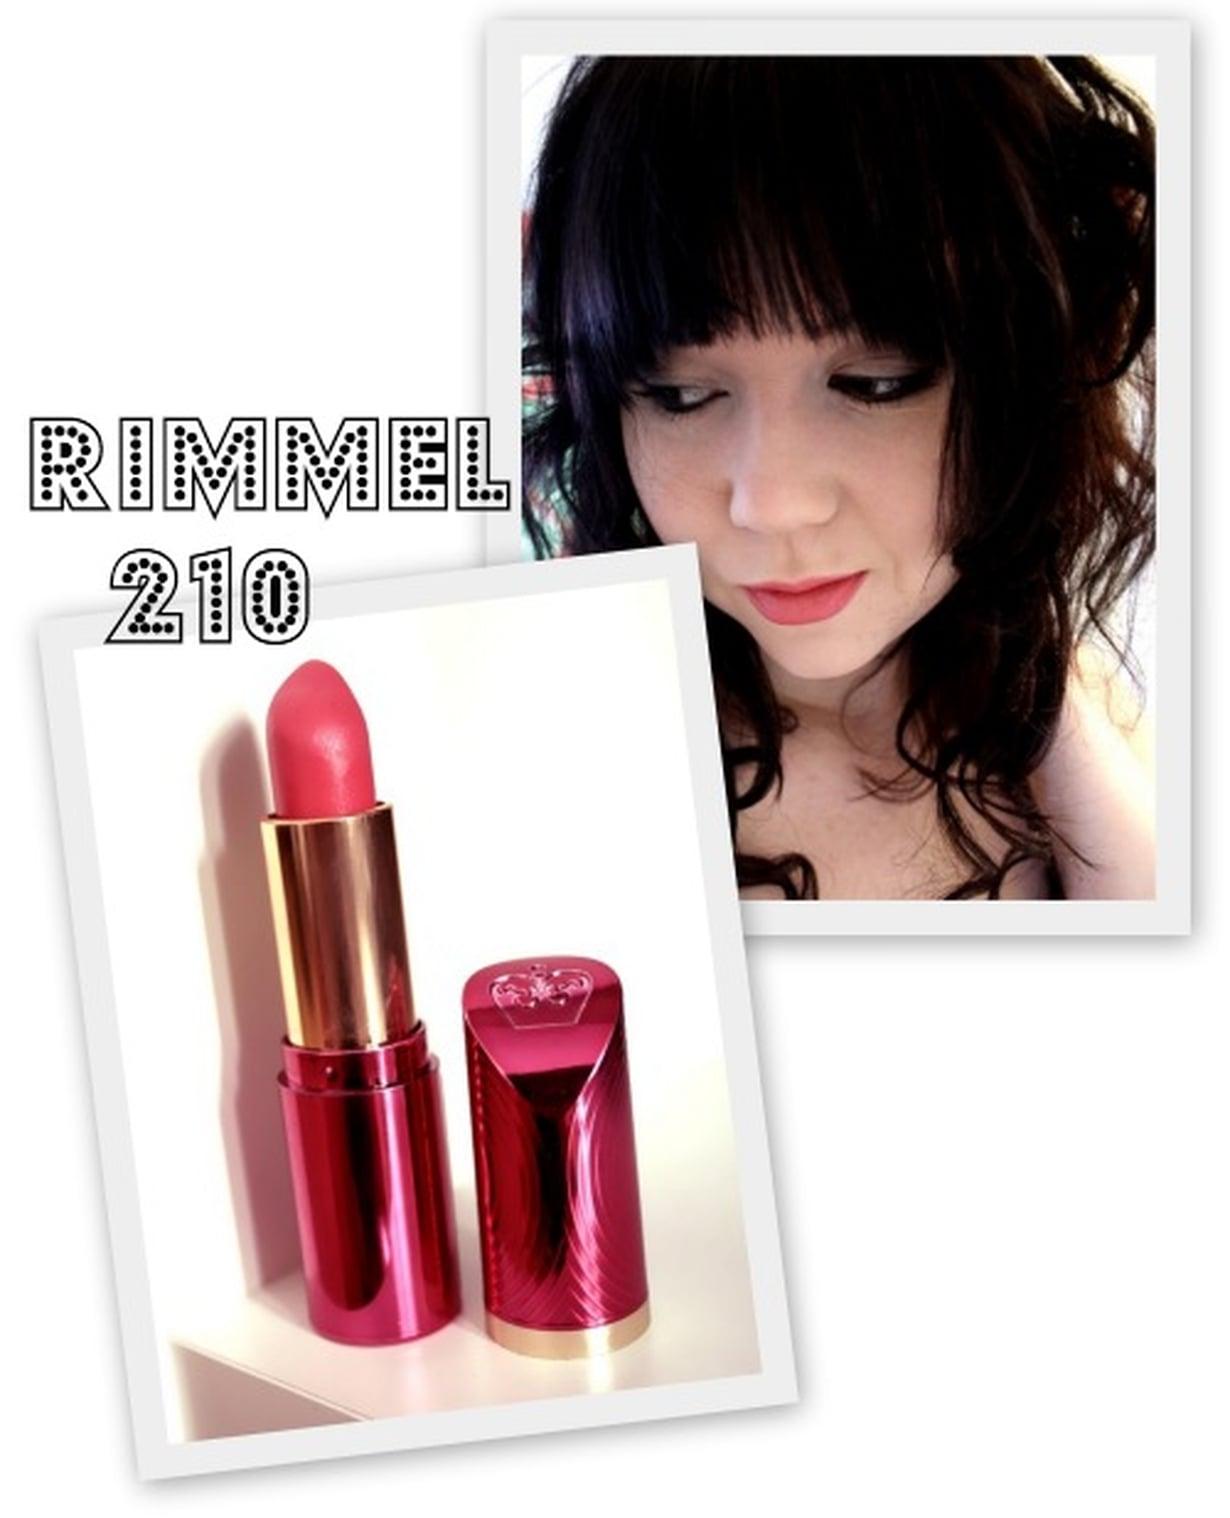 rimmel 210 fame pink